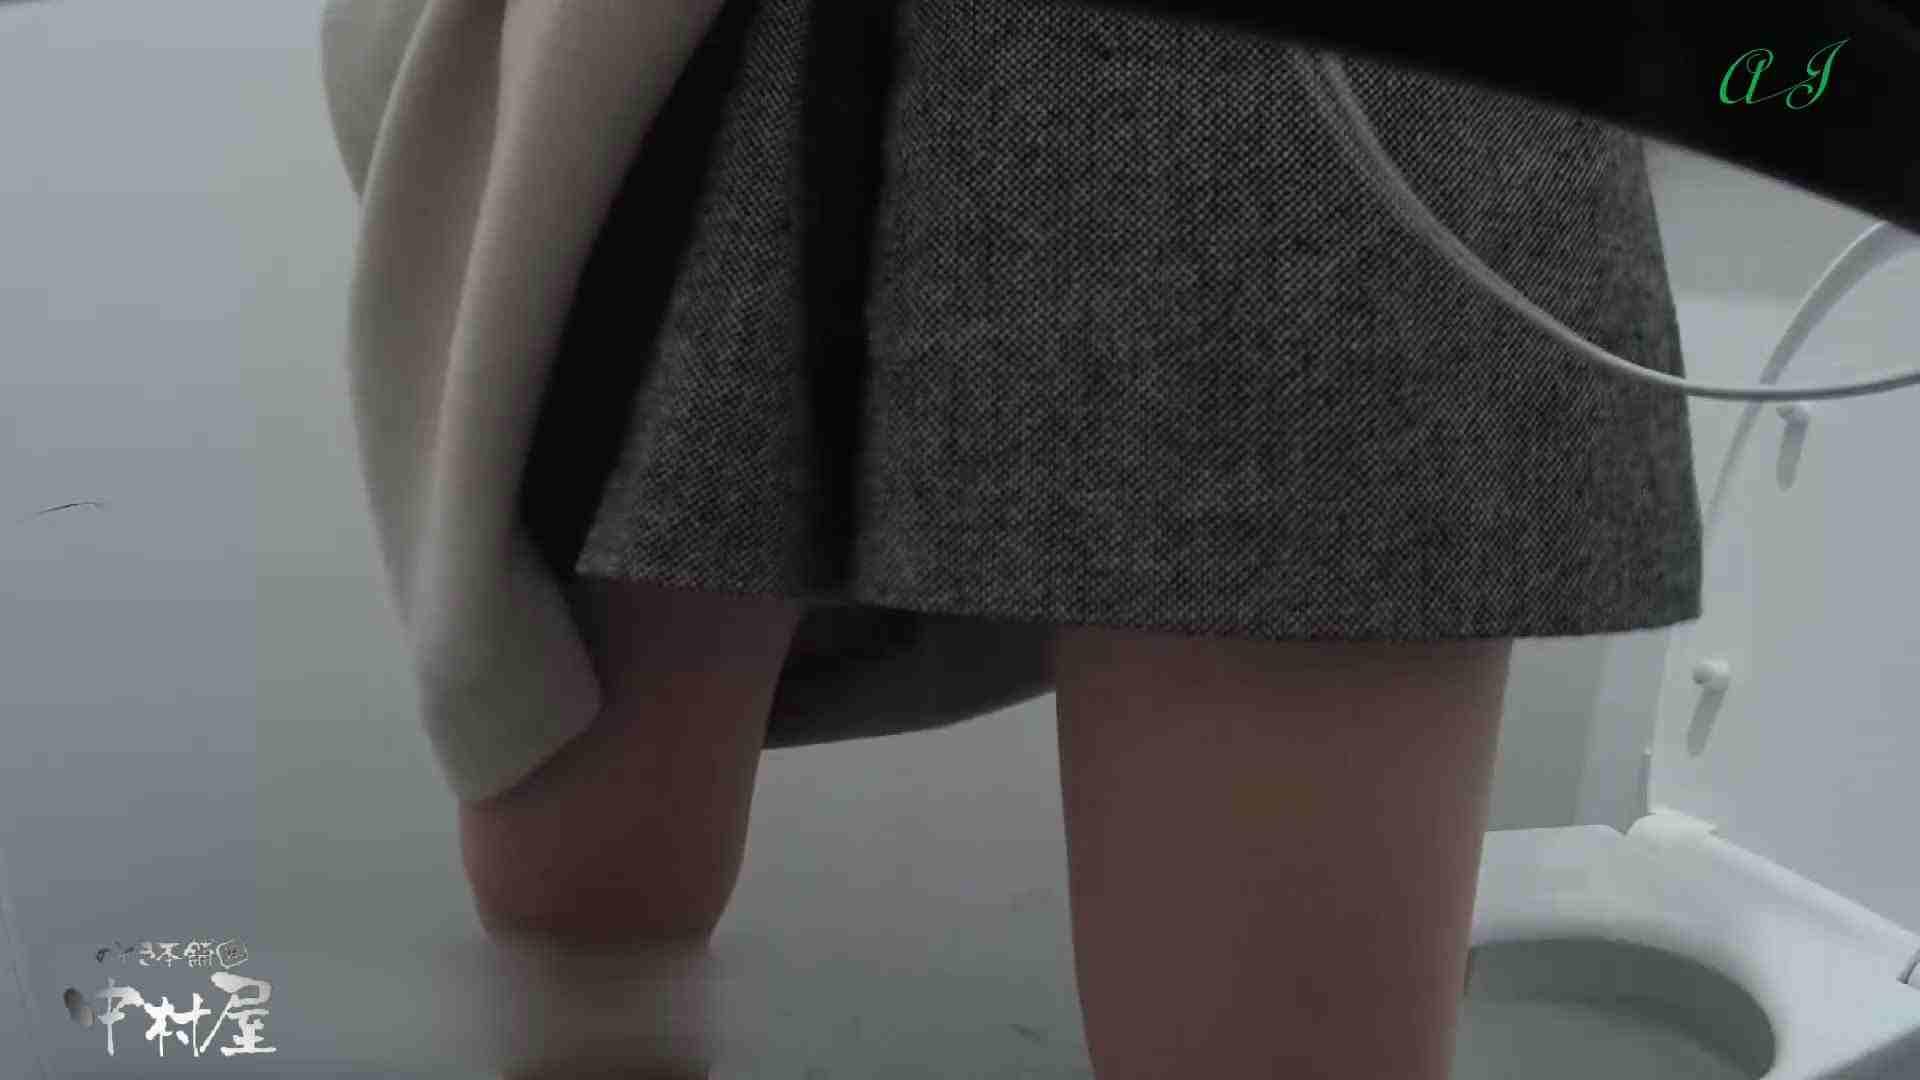 有名大学女性洗面所 vol.78 美女勢揃い 前編 人気シリーズ すけべAV動画紹介 105PIX 24